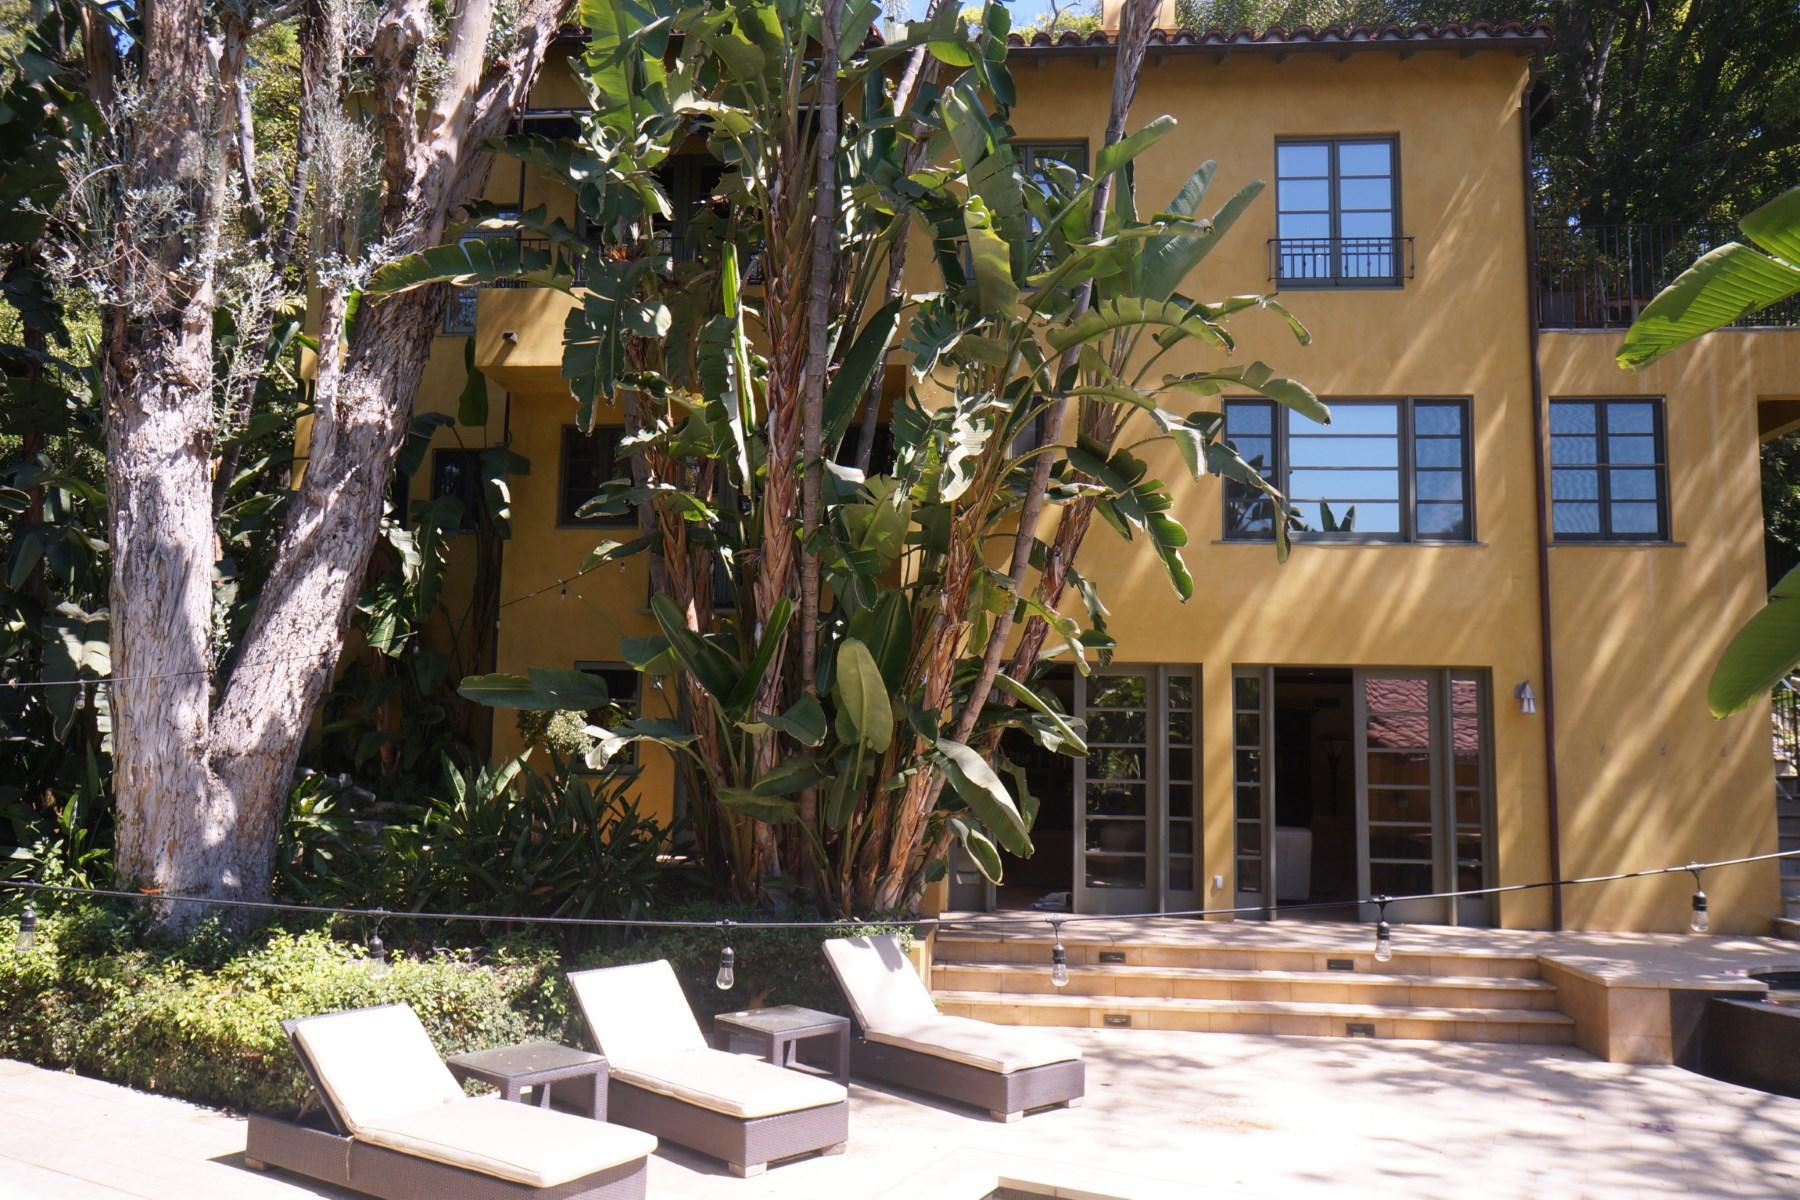 Частный односемейный дом для того Аренда на 1957 Laughlin Drive 1957 Laughlin Park Drive Los Angeles, Калифорния 90027 Соединенные Штаты